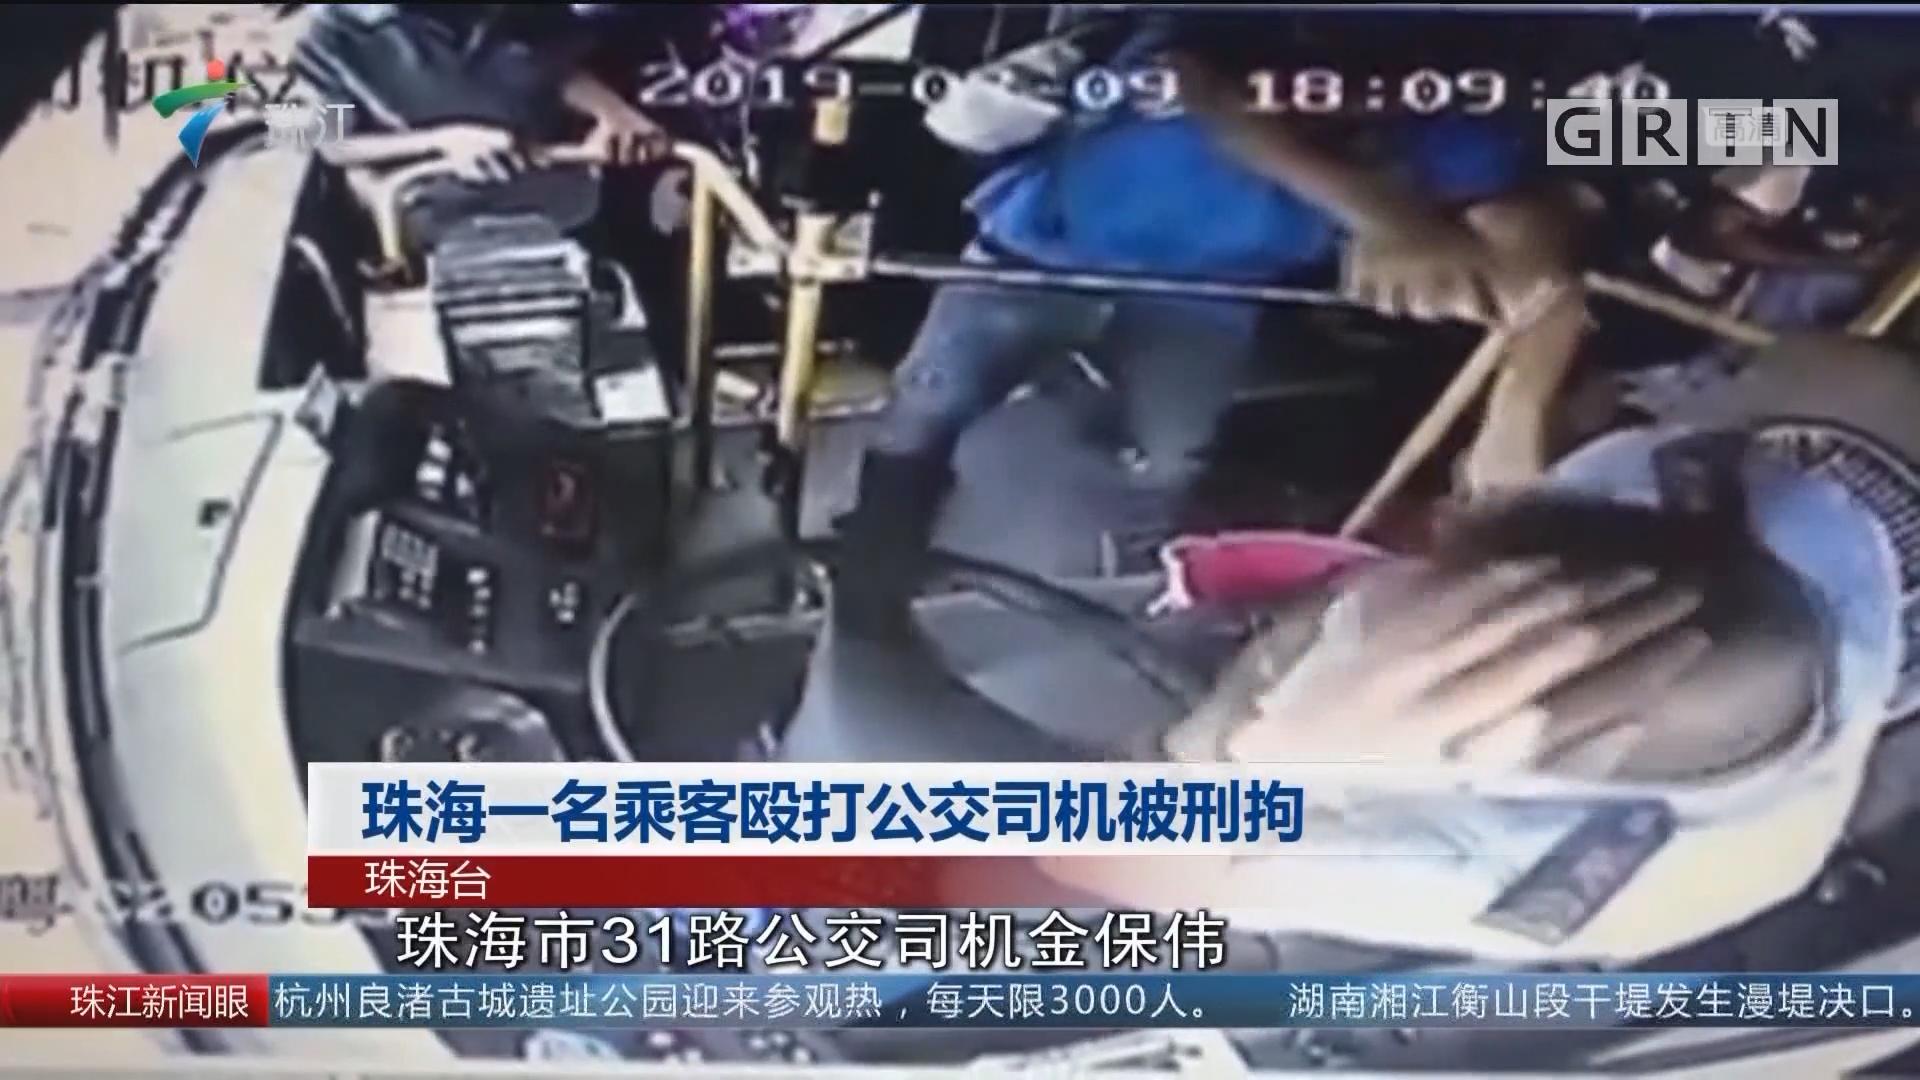 珠海一名乘客殴打公交司机被刑拘